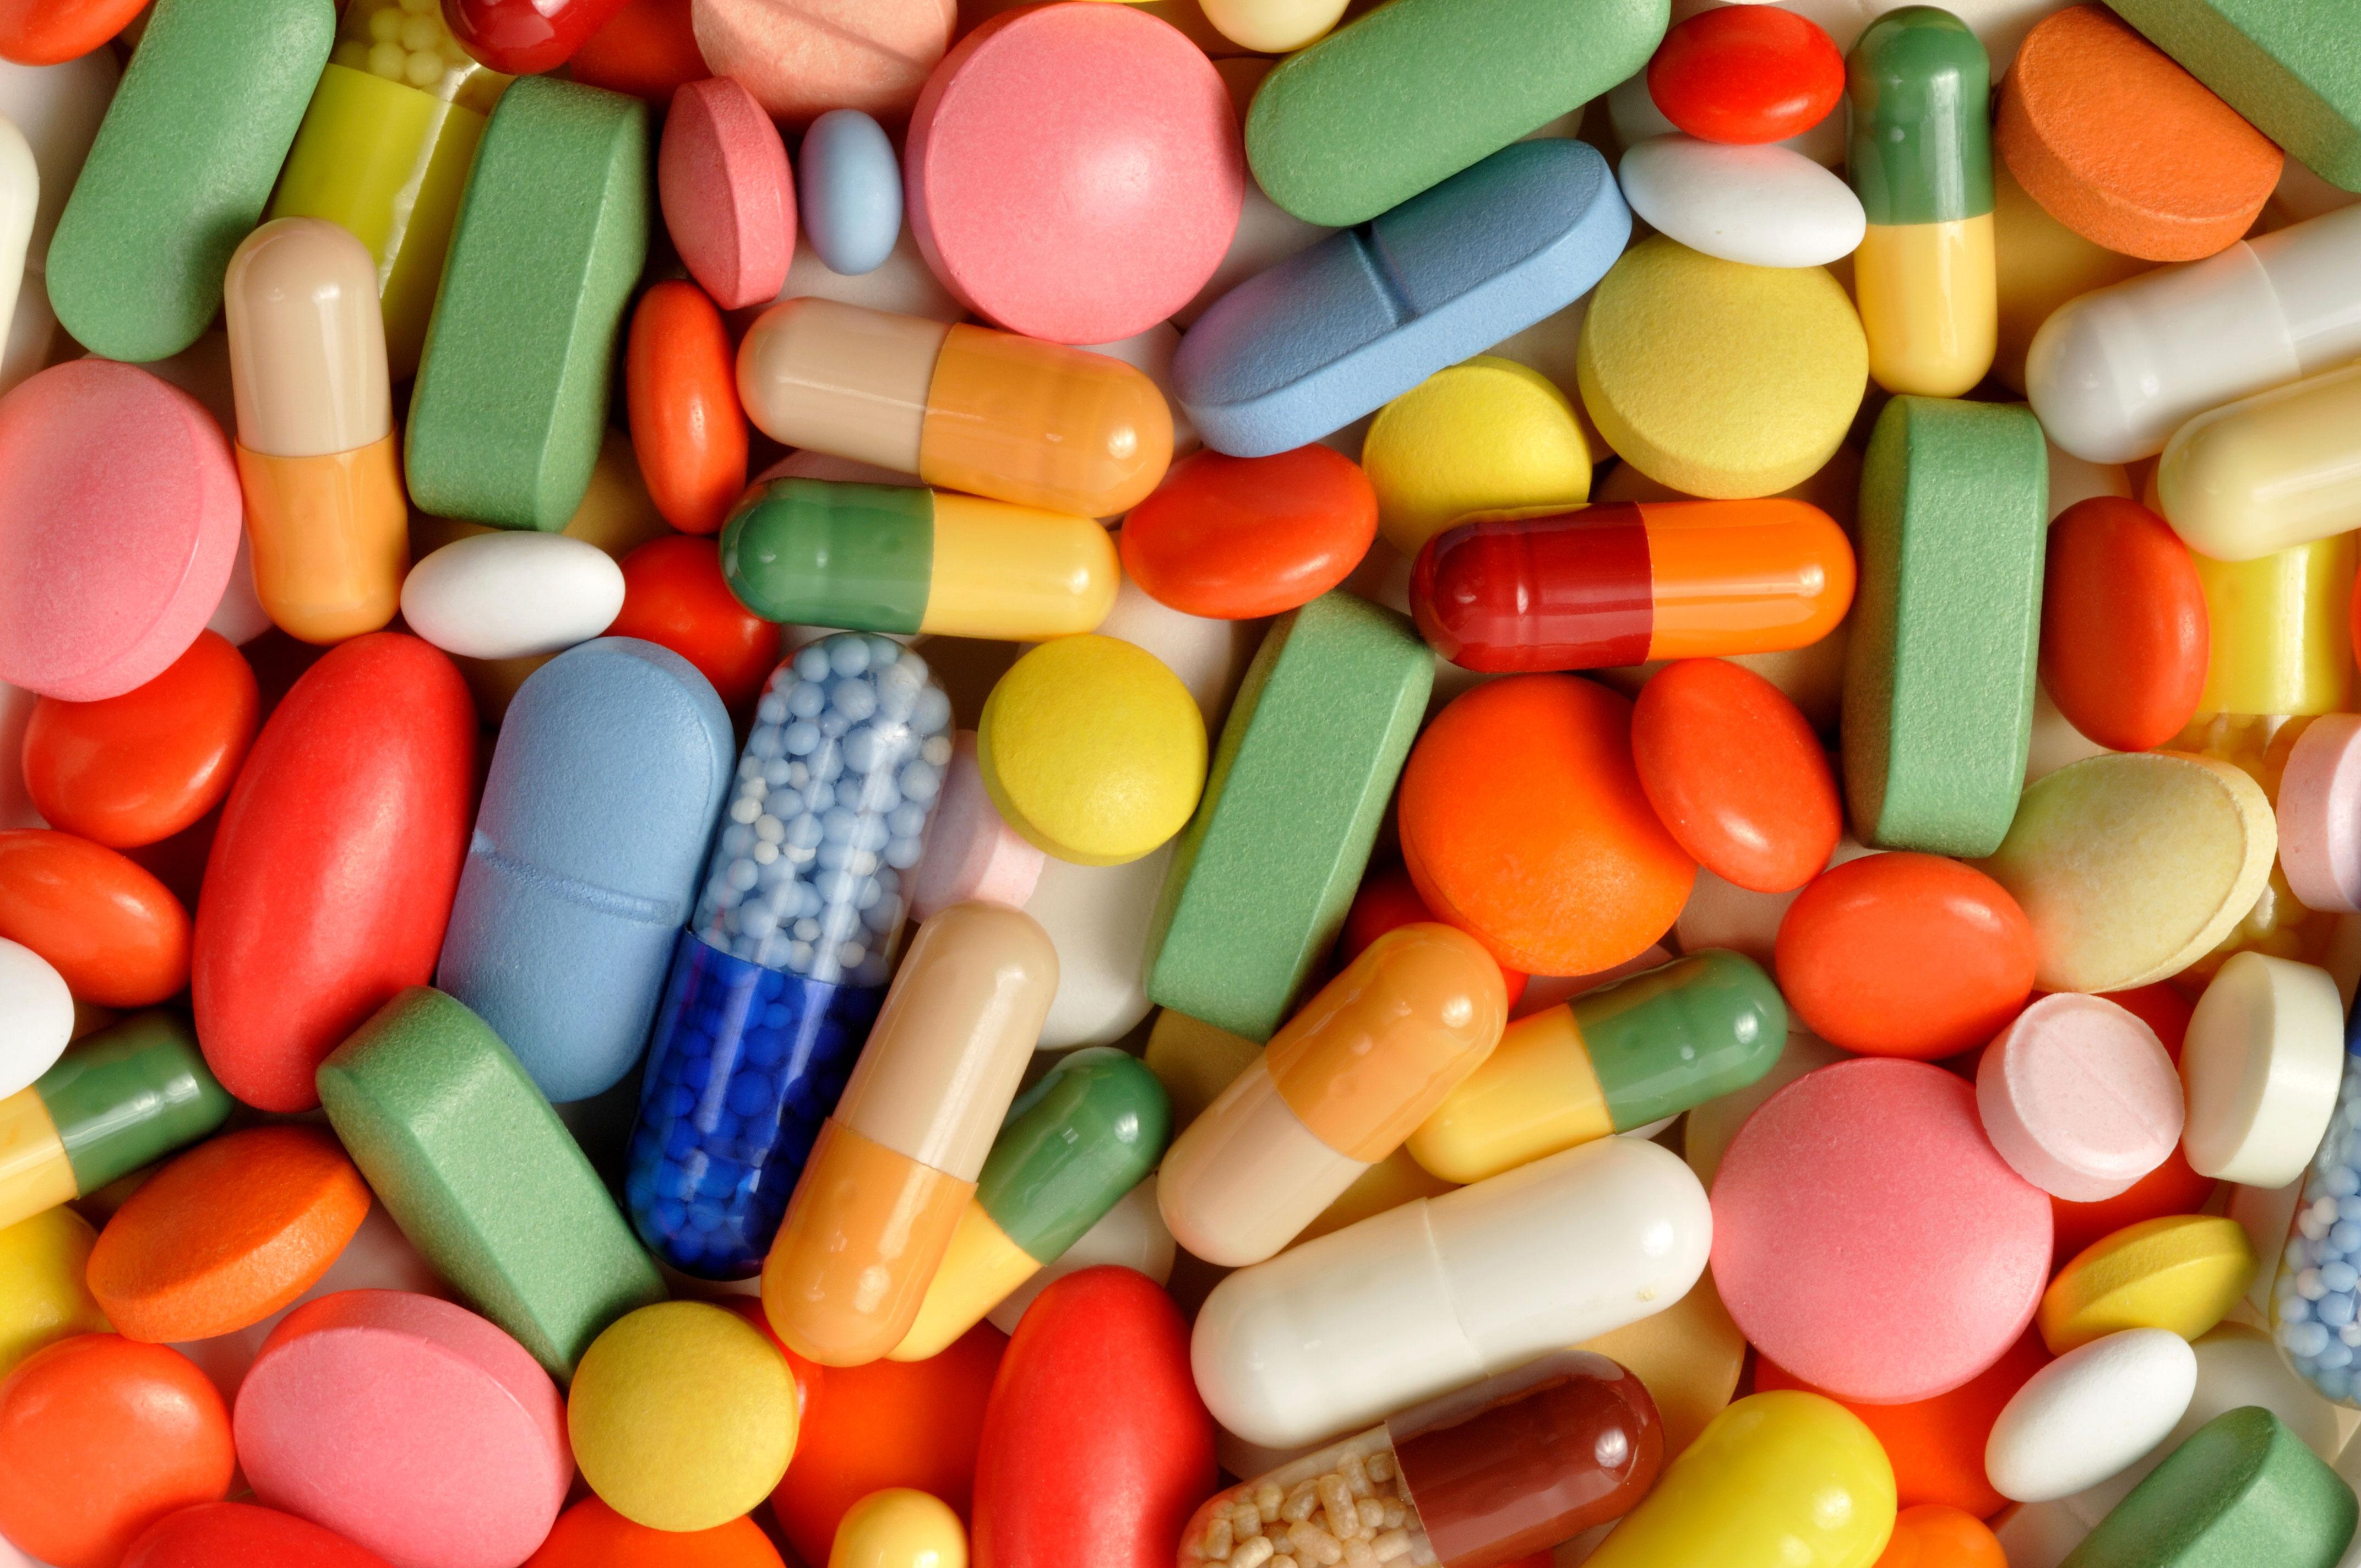 Витамины и спорт: грамотный подход к приему